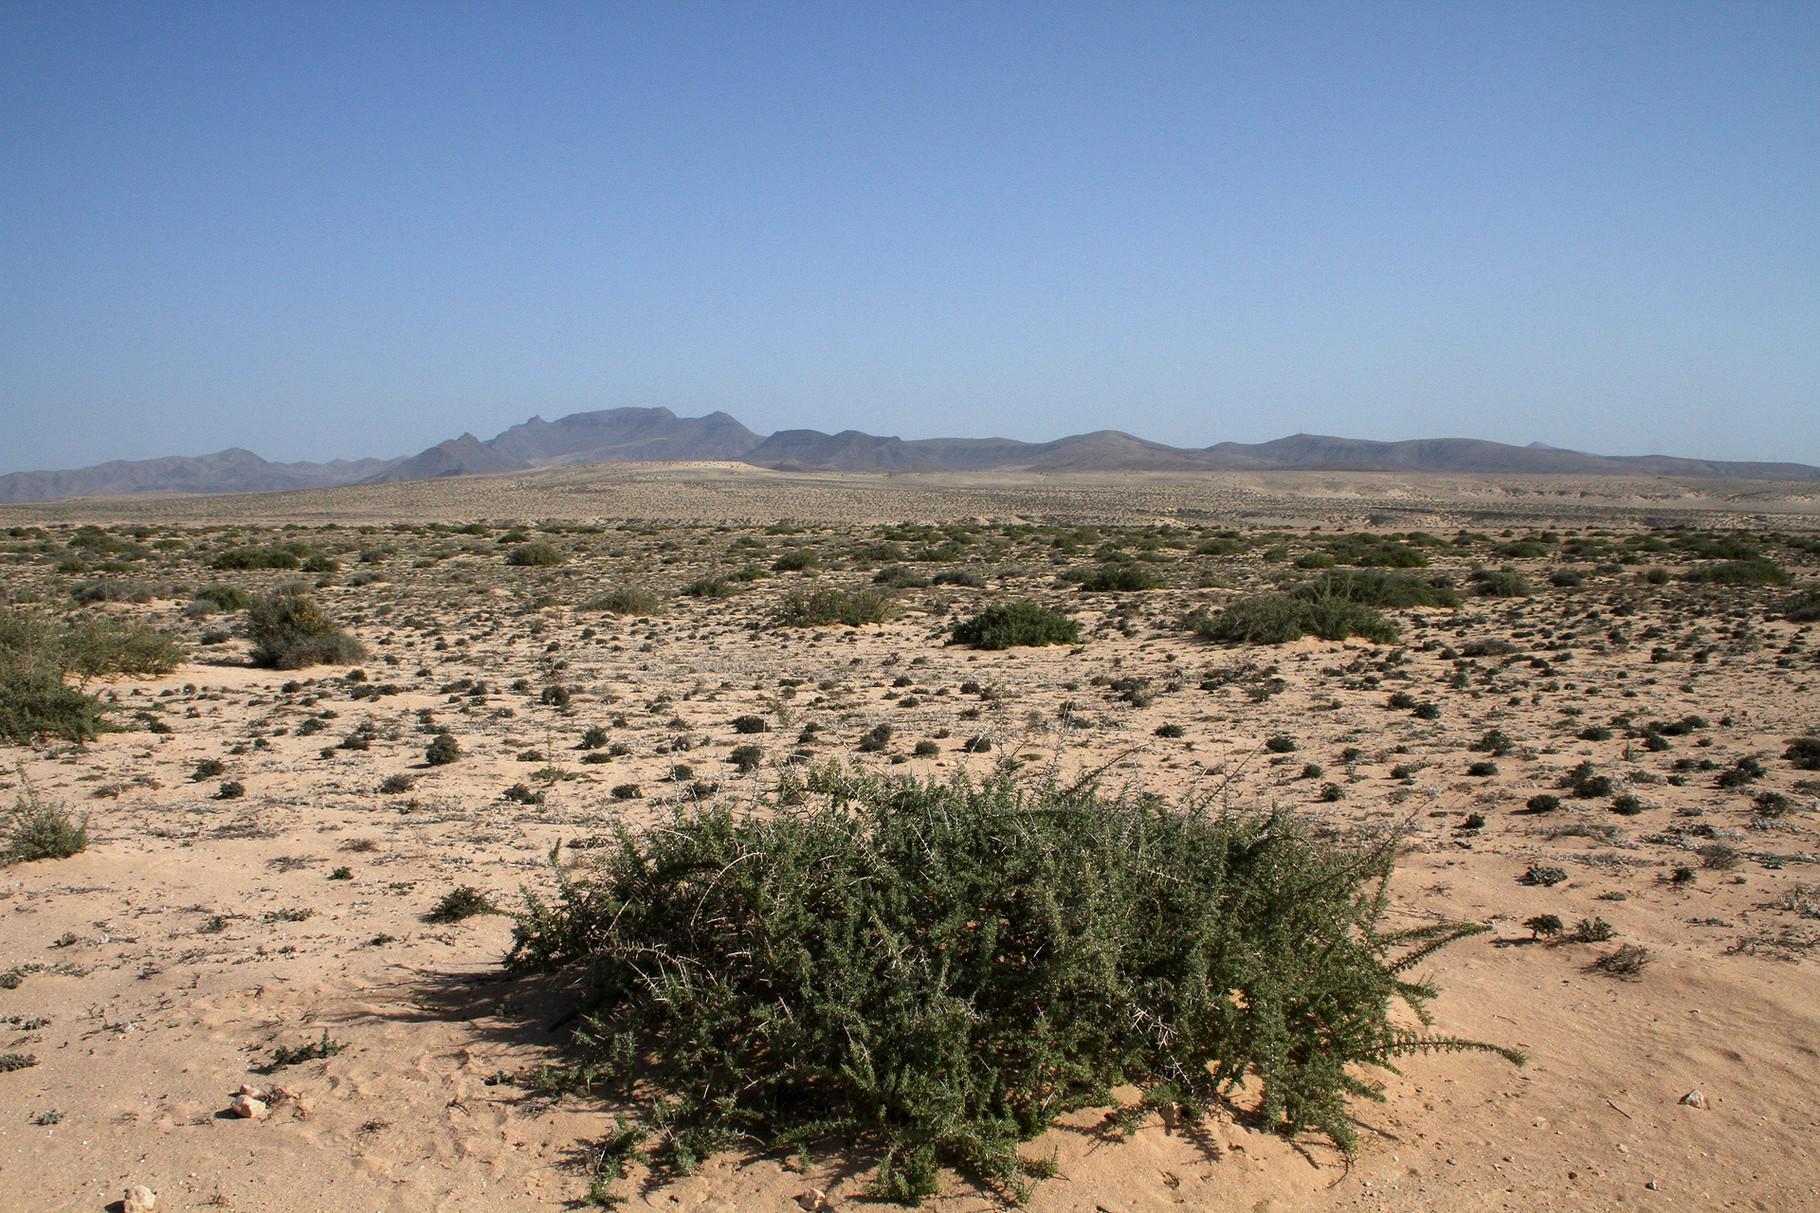 Die Jandia-Wüste, eigentlich eine Kleinstrauch-Halbwüste, bei Costa Calma...